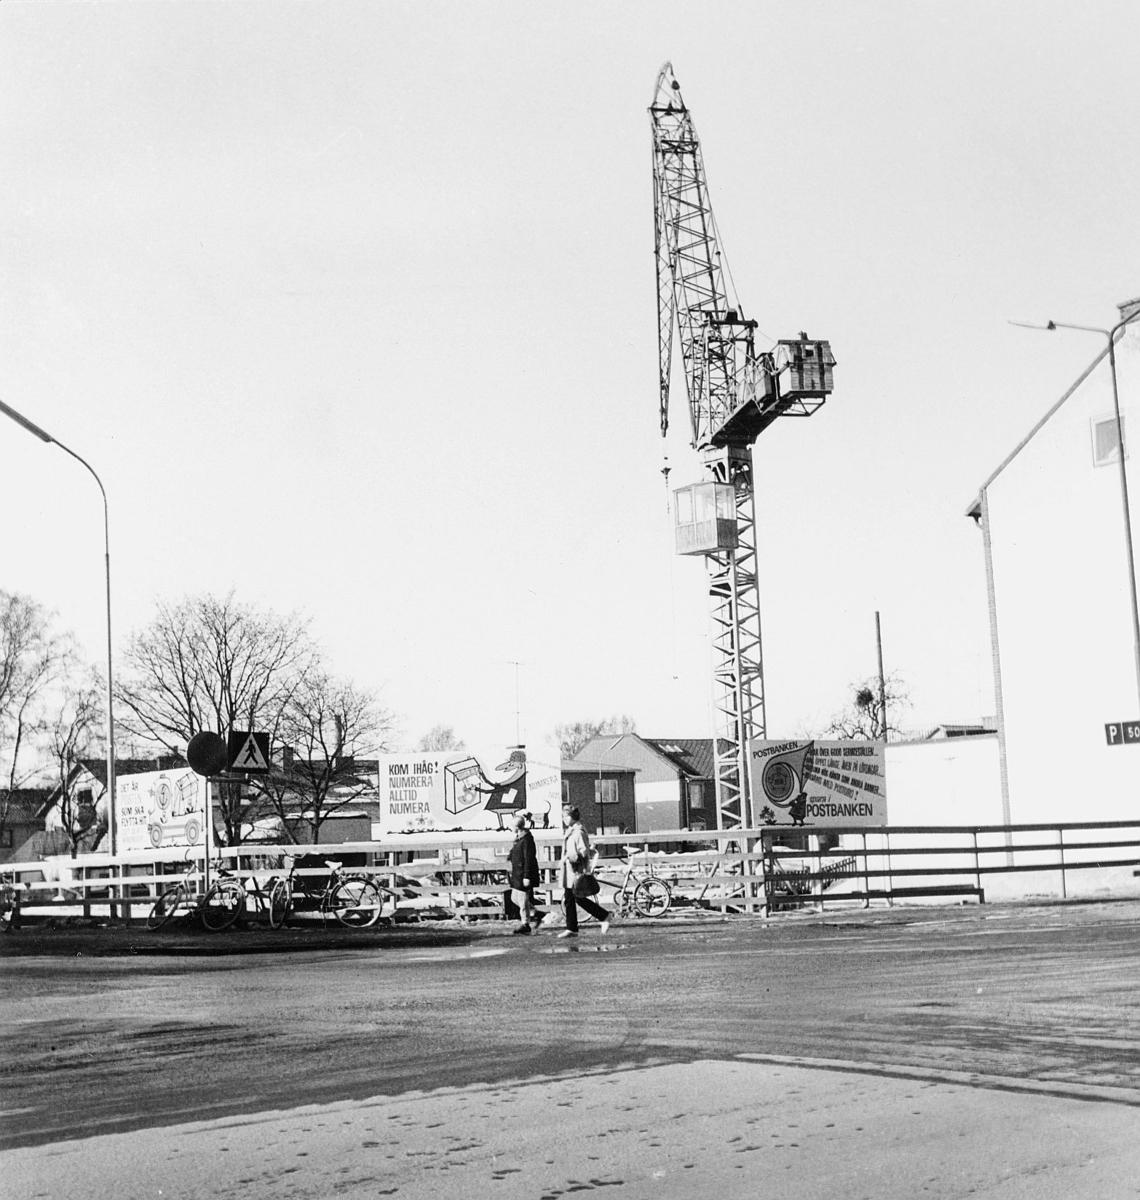 """Älmhult, postkontor.  Foton januari 1970.  Det nya """"posthuset"""" , i kv.  Gunnar Gröpe i Älmhult - under byggnad.  På senhösten 1969 började grunden grävas.  Invigningen av de nya lokalerna skedde den 5 juni 1970."""